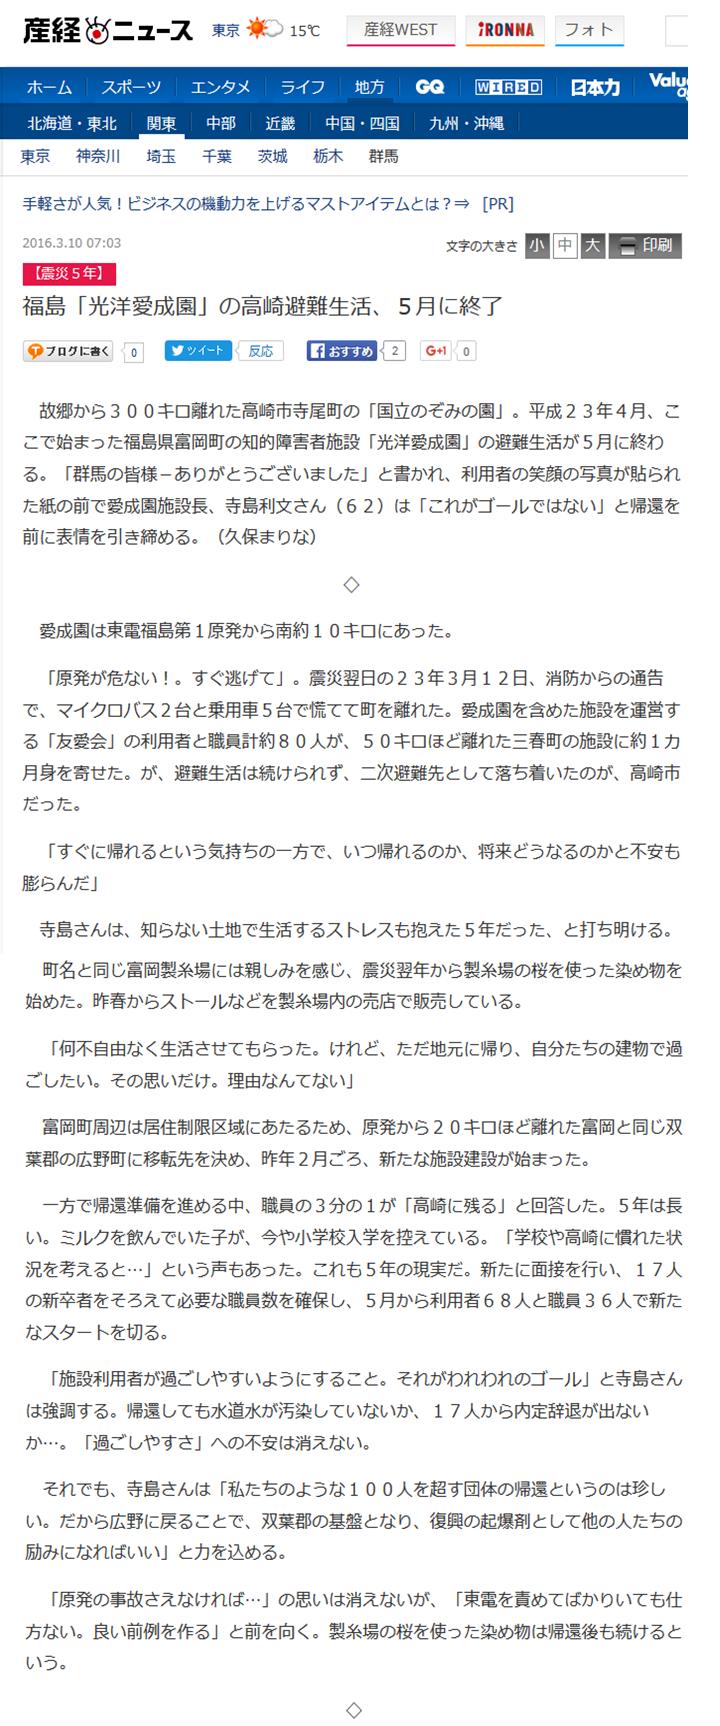 福島「光洋愛成園」の高崎避難生活、5月に終了